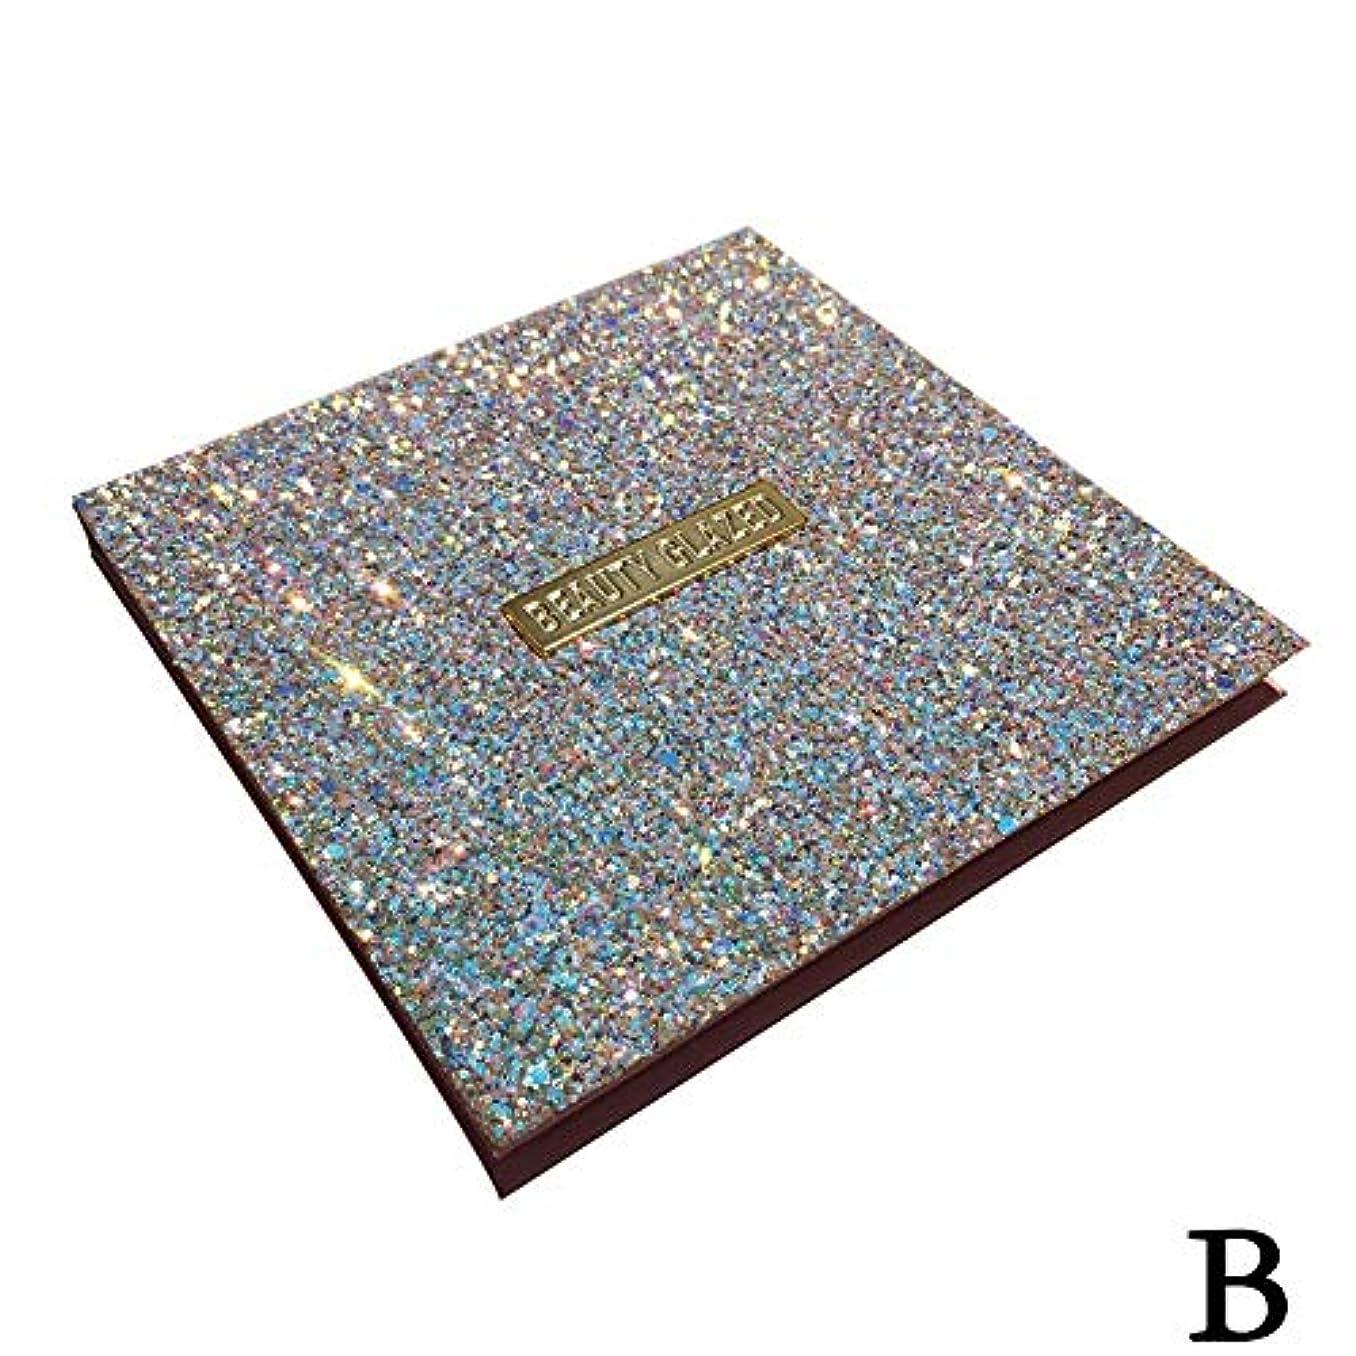 ビジネス委員会こねる(ゴールデン ドリーミング)Golden Dreaming beauty glazed 無光沢の真珠16色のアイシャドウ (B 2#)